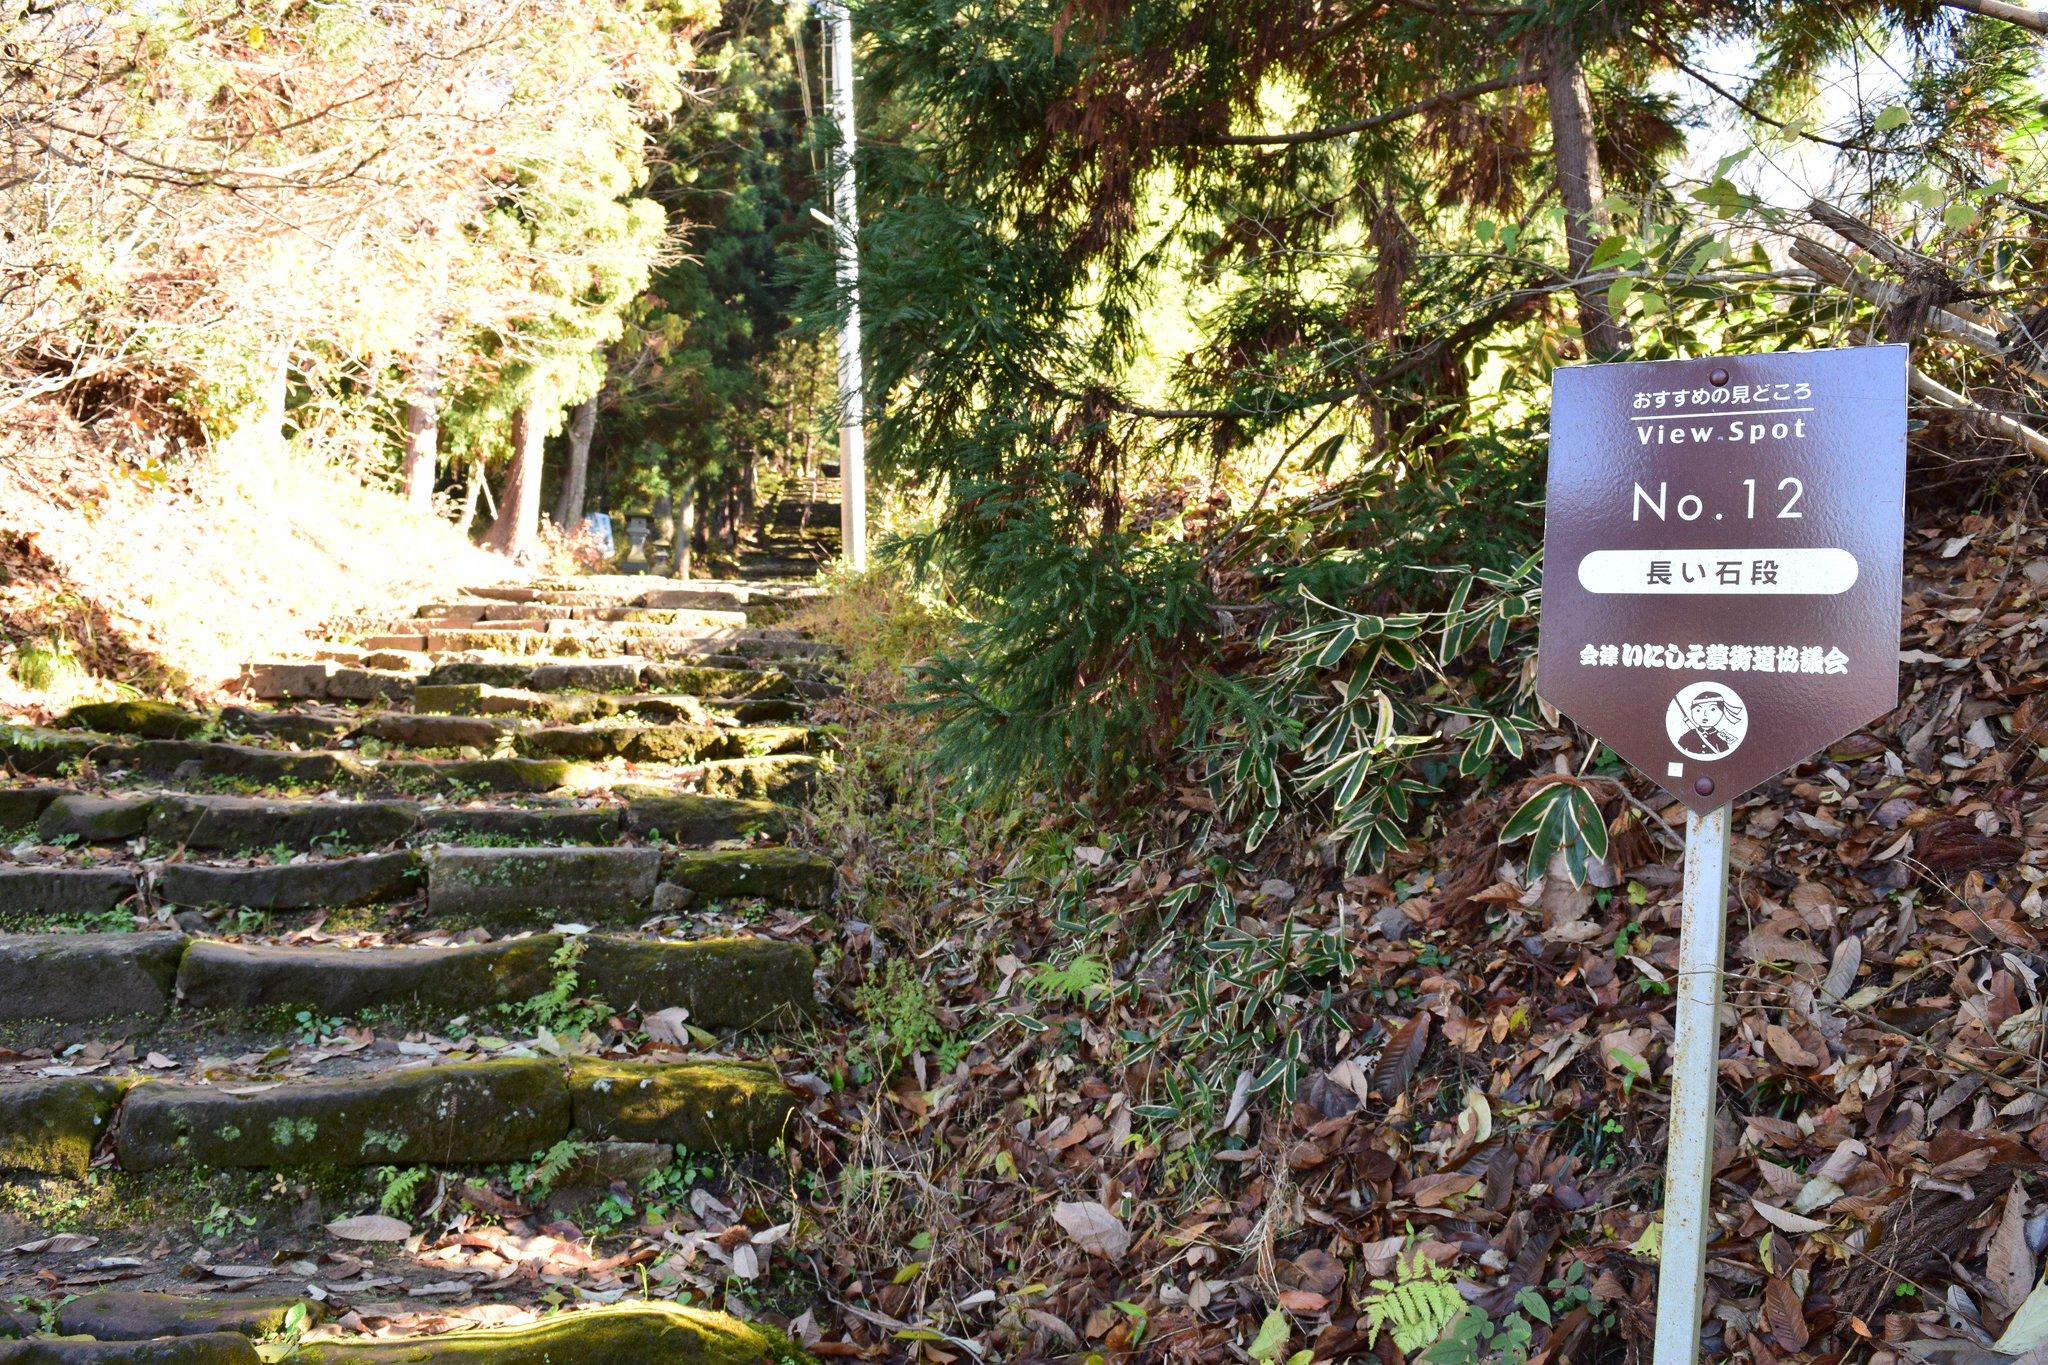 会津若松・愛宕神社名物の長い石段。参拝者をしつこく励ます看板大好き。 https://t.co/RjCFDD8GzN